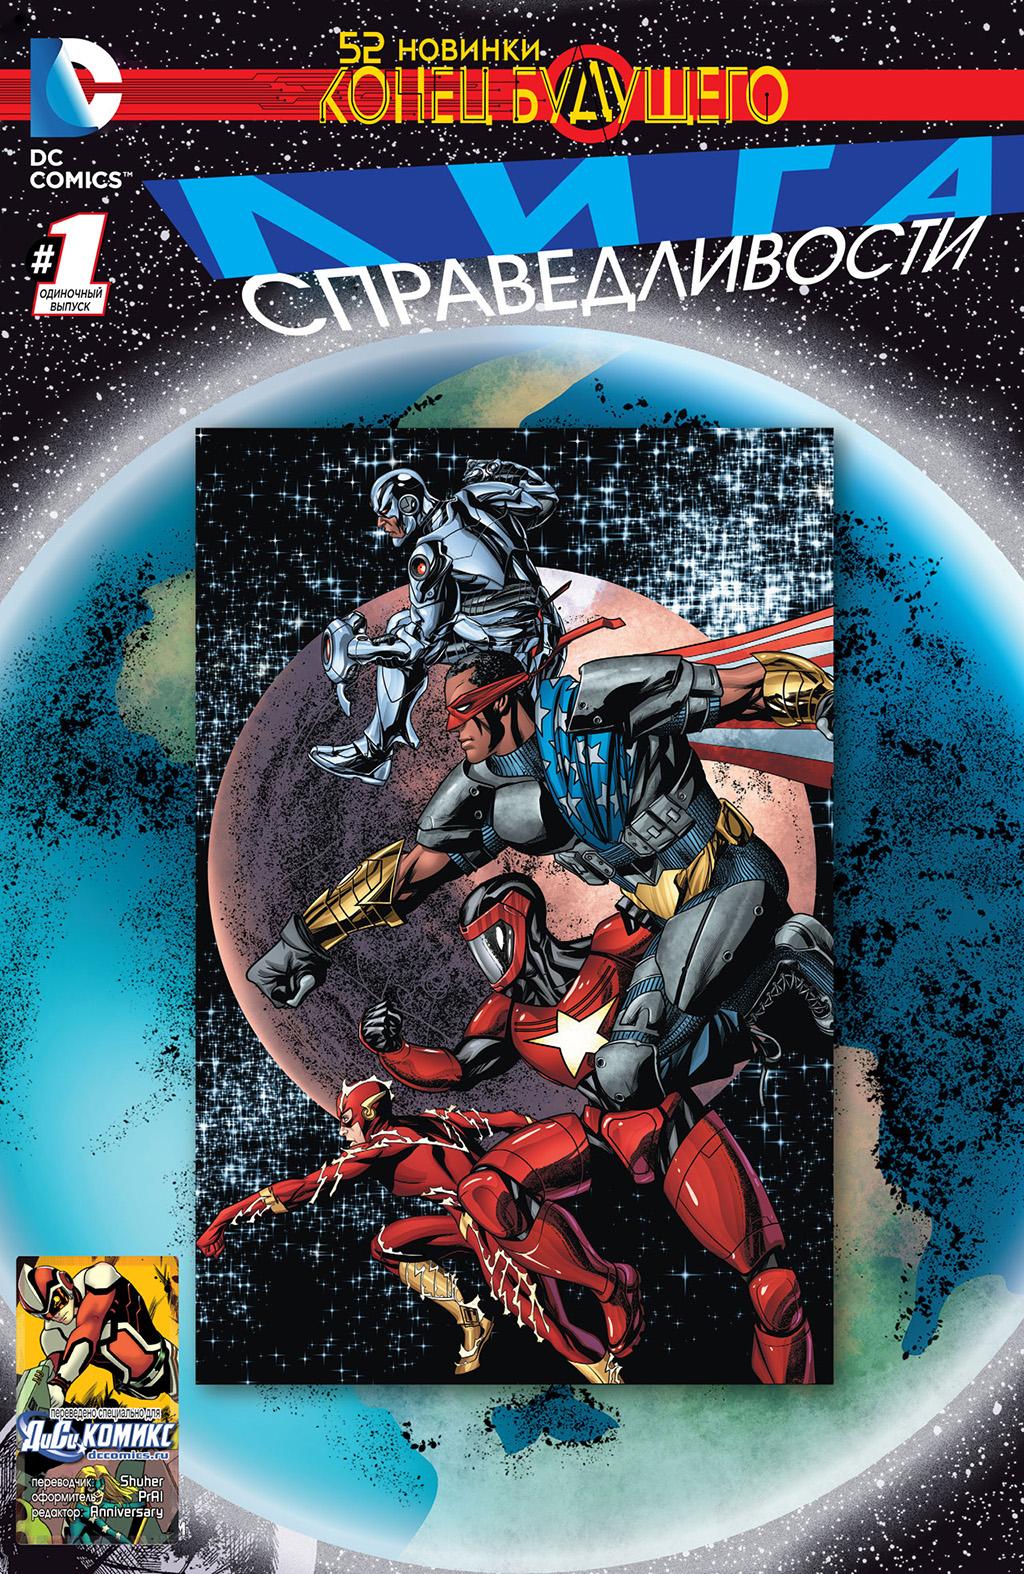 Комикс 52 Новинки: Конец Будущего: Одиночные Выпуски